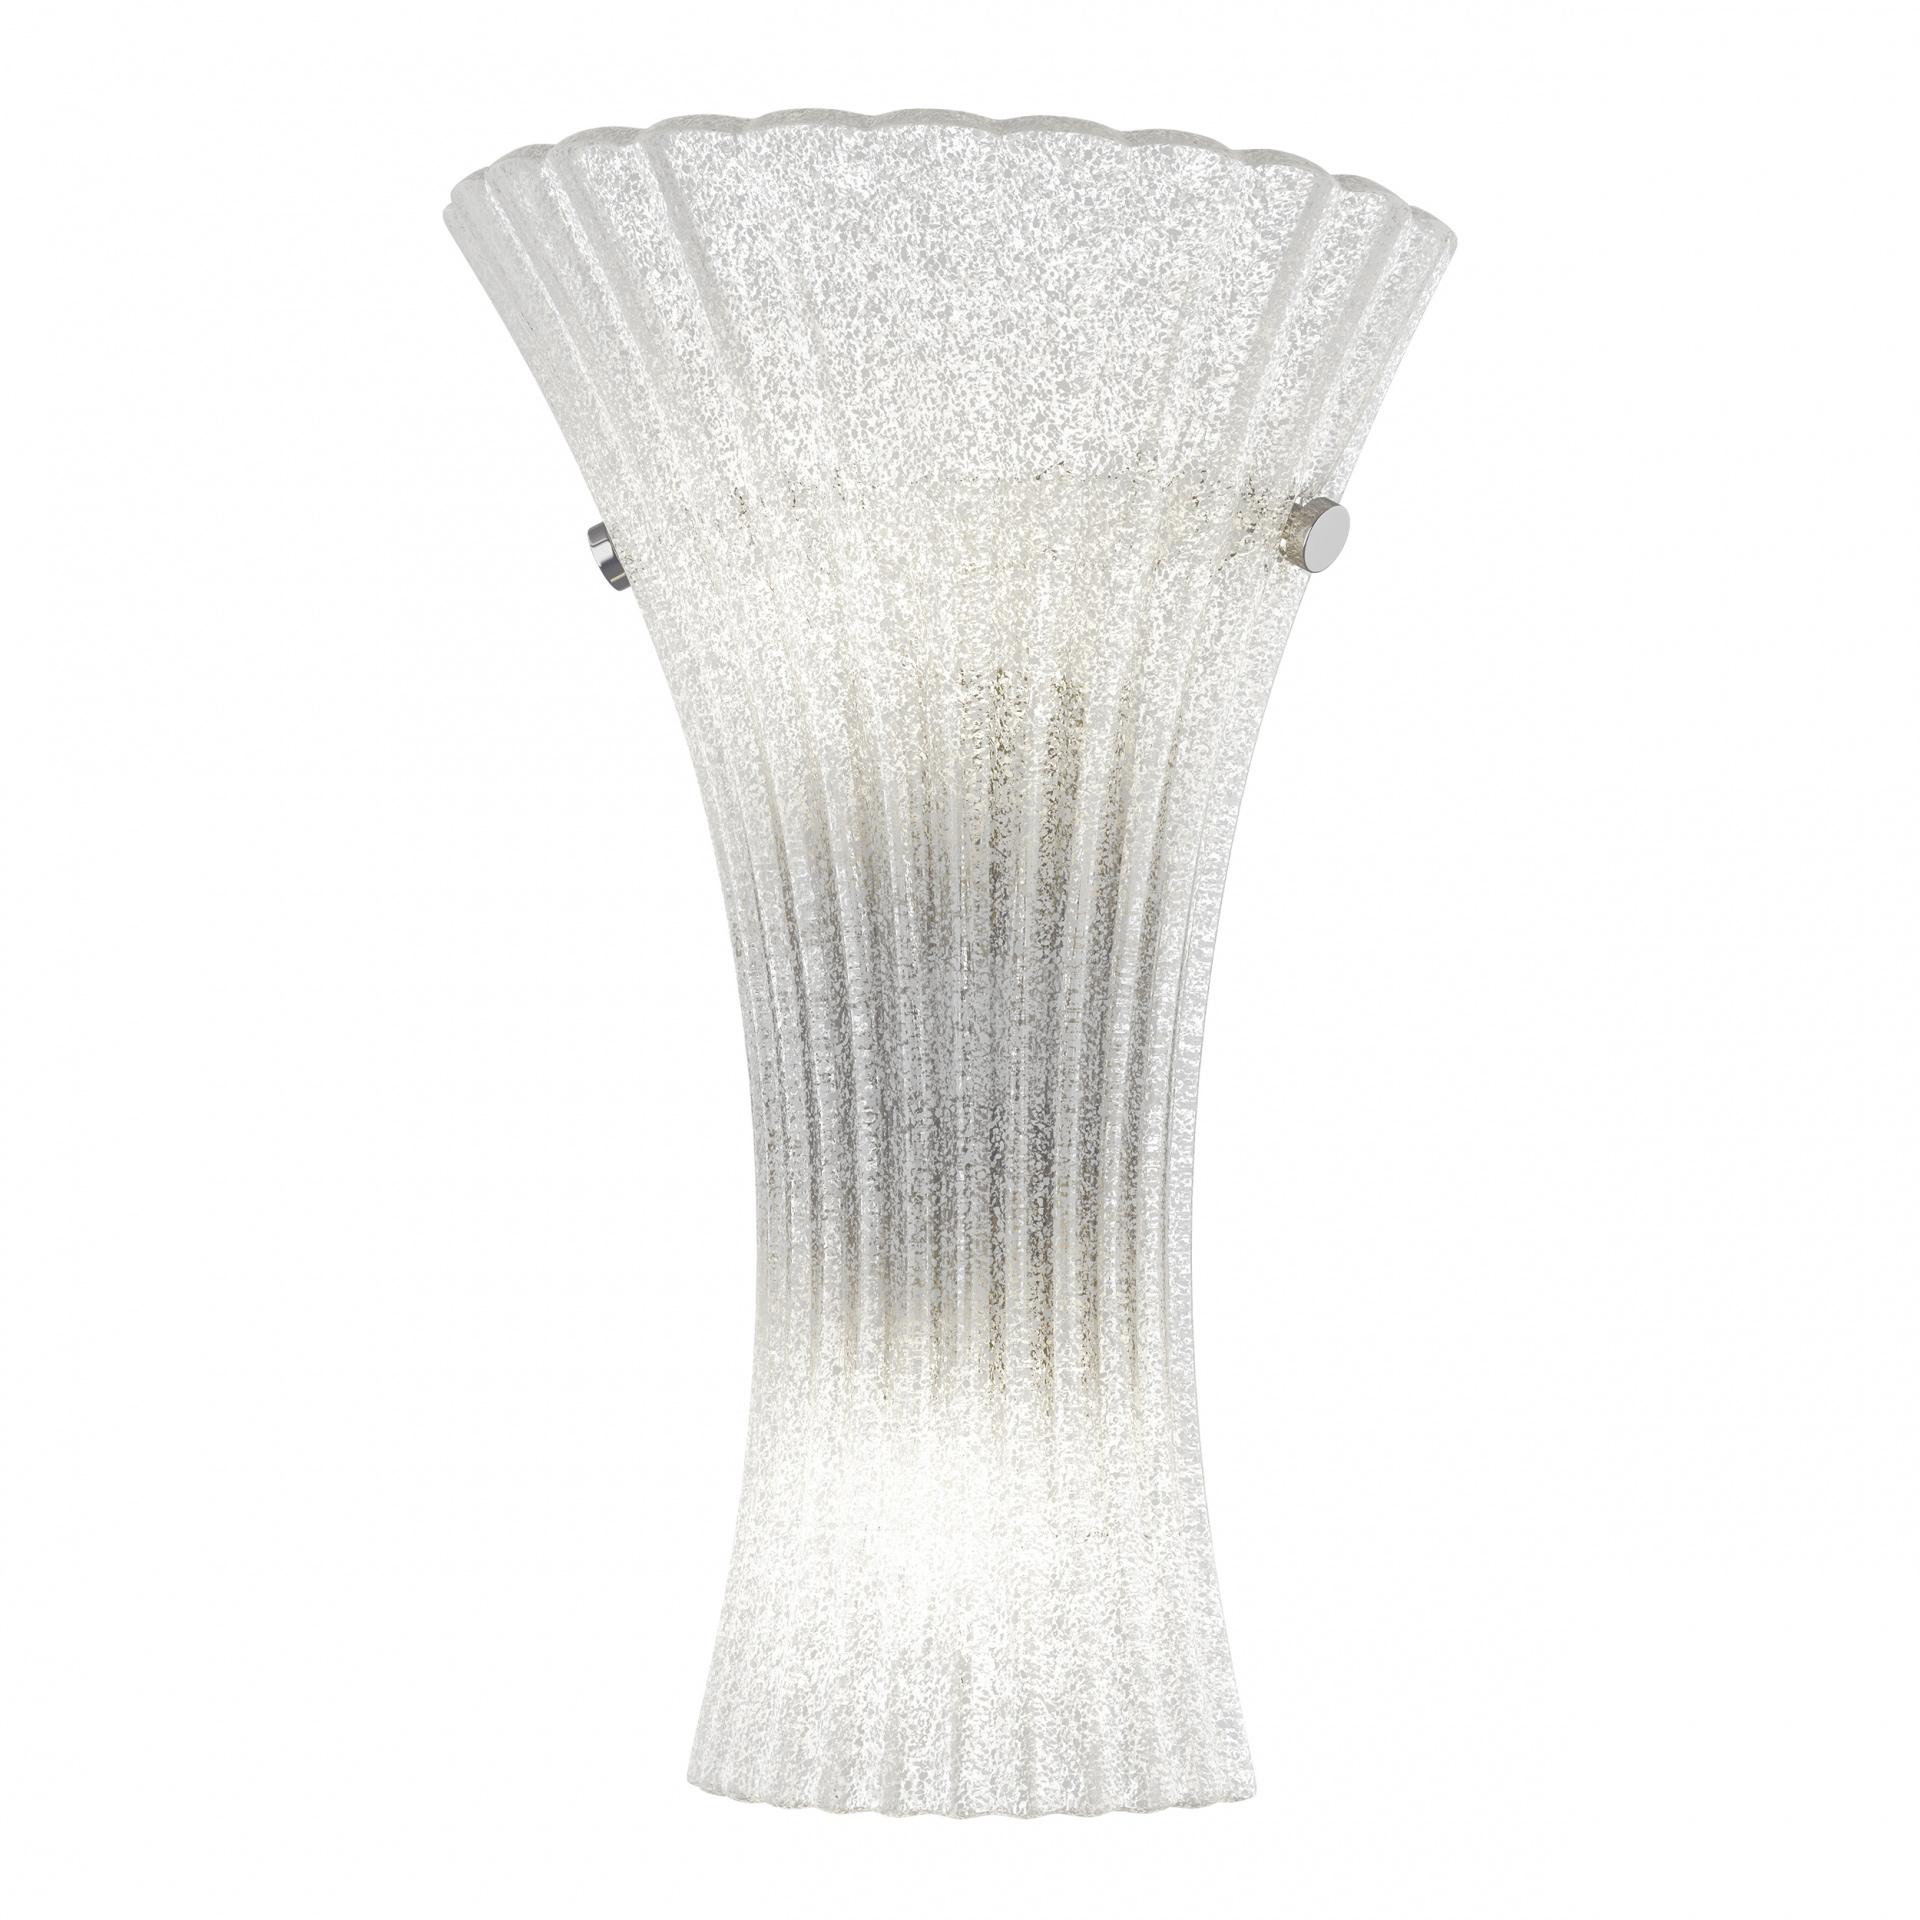 Бра Zucche 2х40W G9 белый Lightstar 820620, купить в СПб, Москве, с доставкой, Санкт-Петербург, интернет-магазин люстр и светильников Starlight, фото в жизни